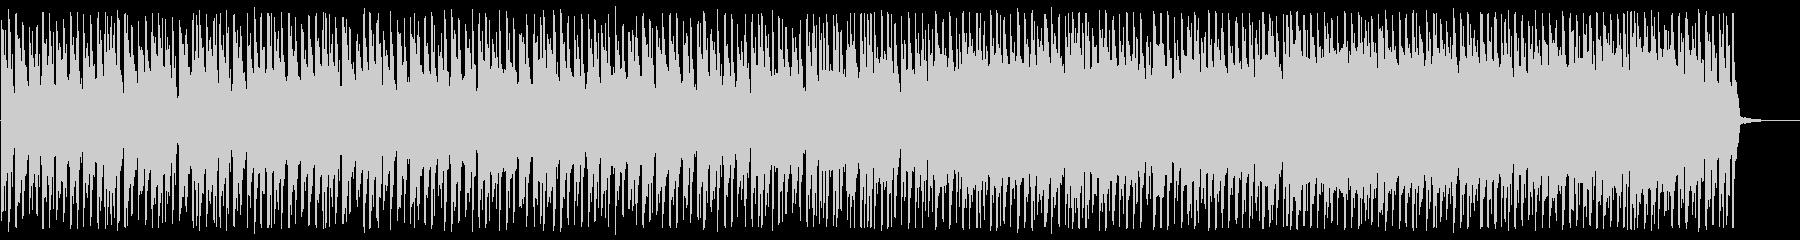 レトロ/エレクトロ_No455_2の未再生の波形